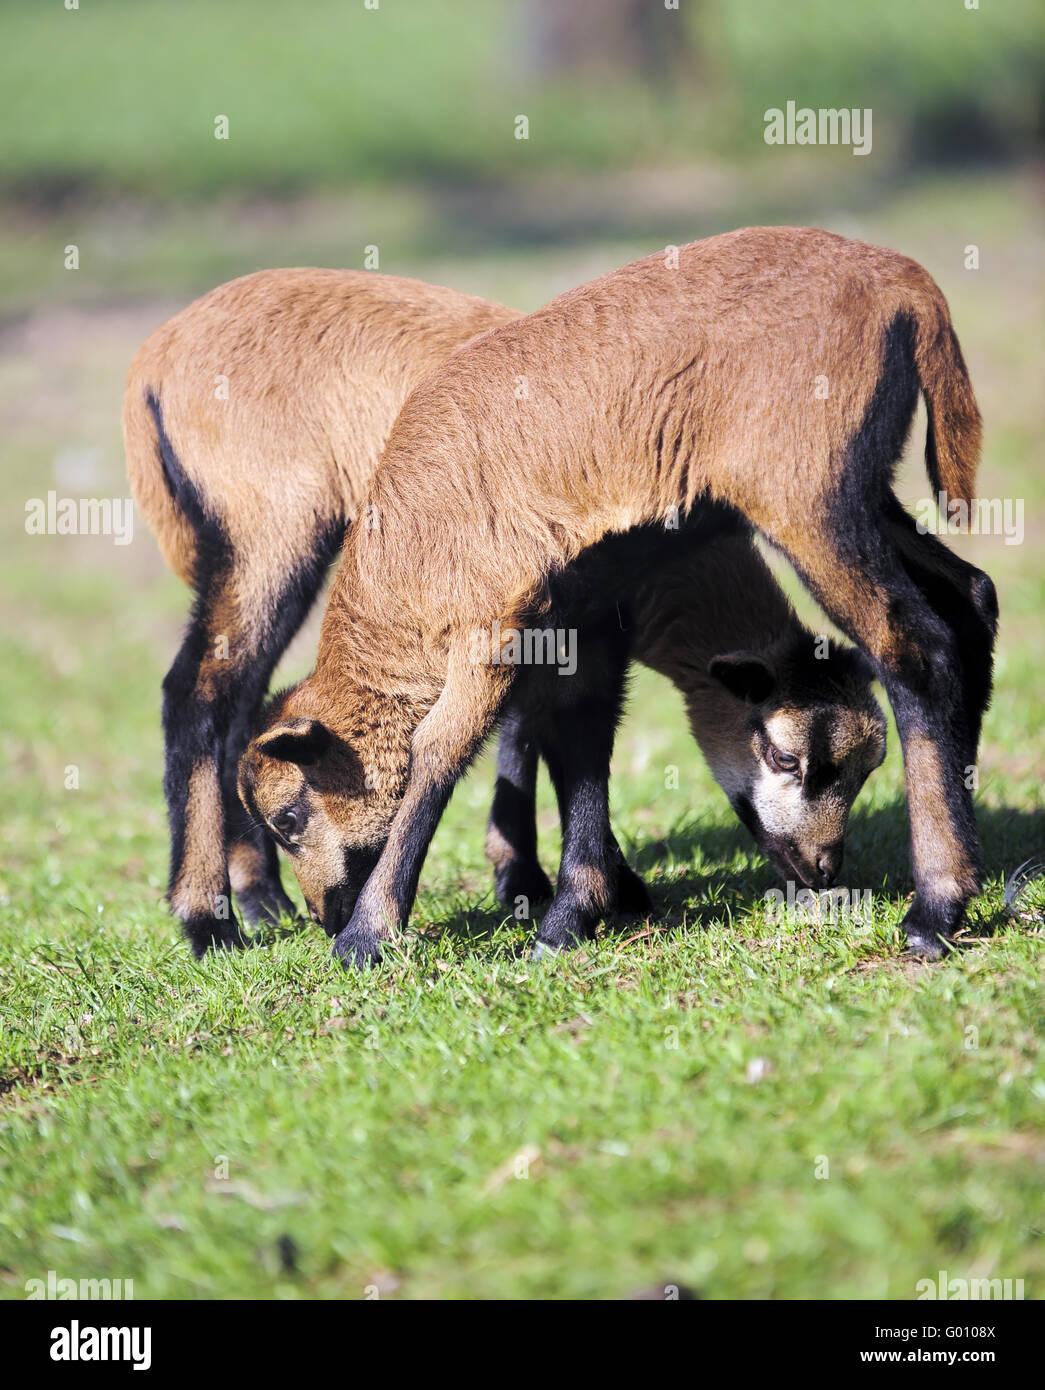 Siblings - Stock Image